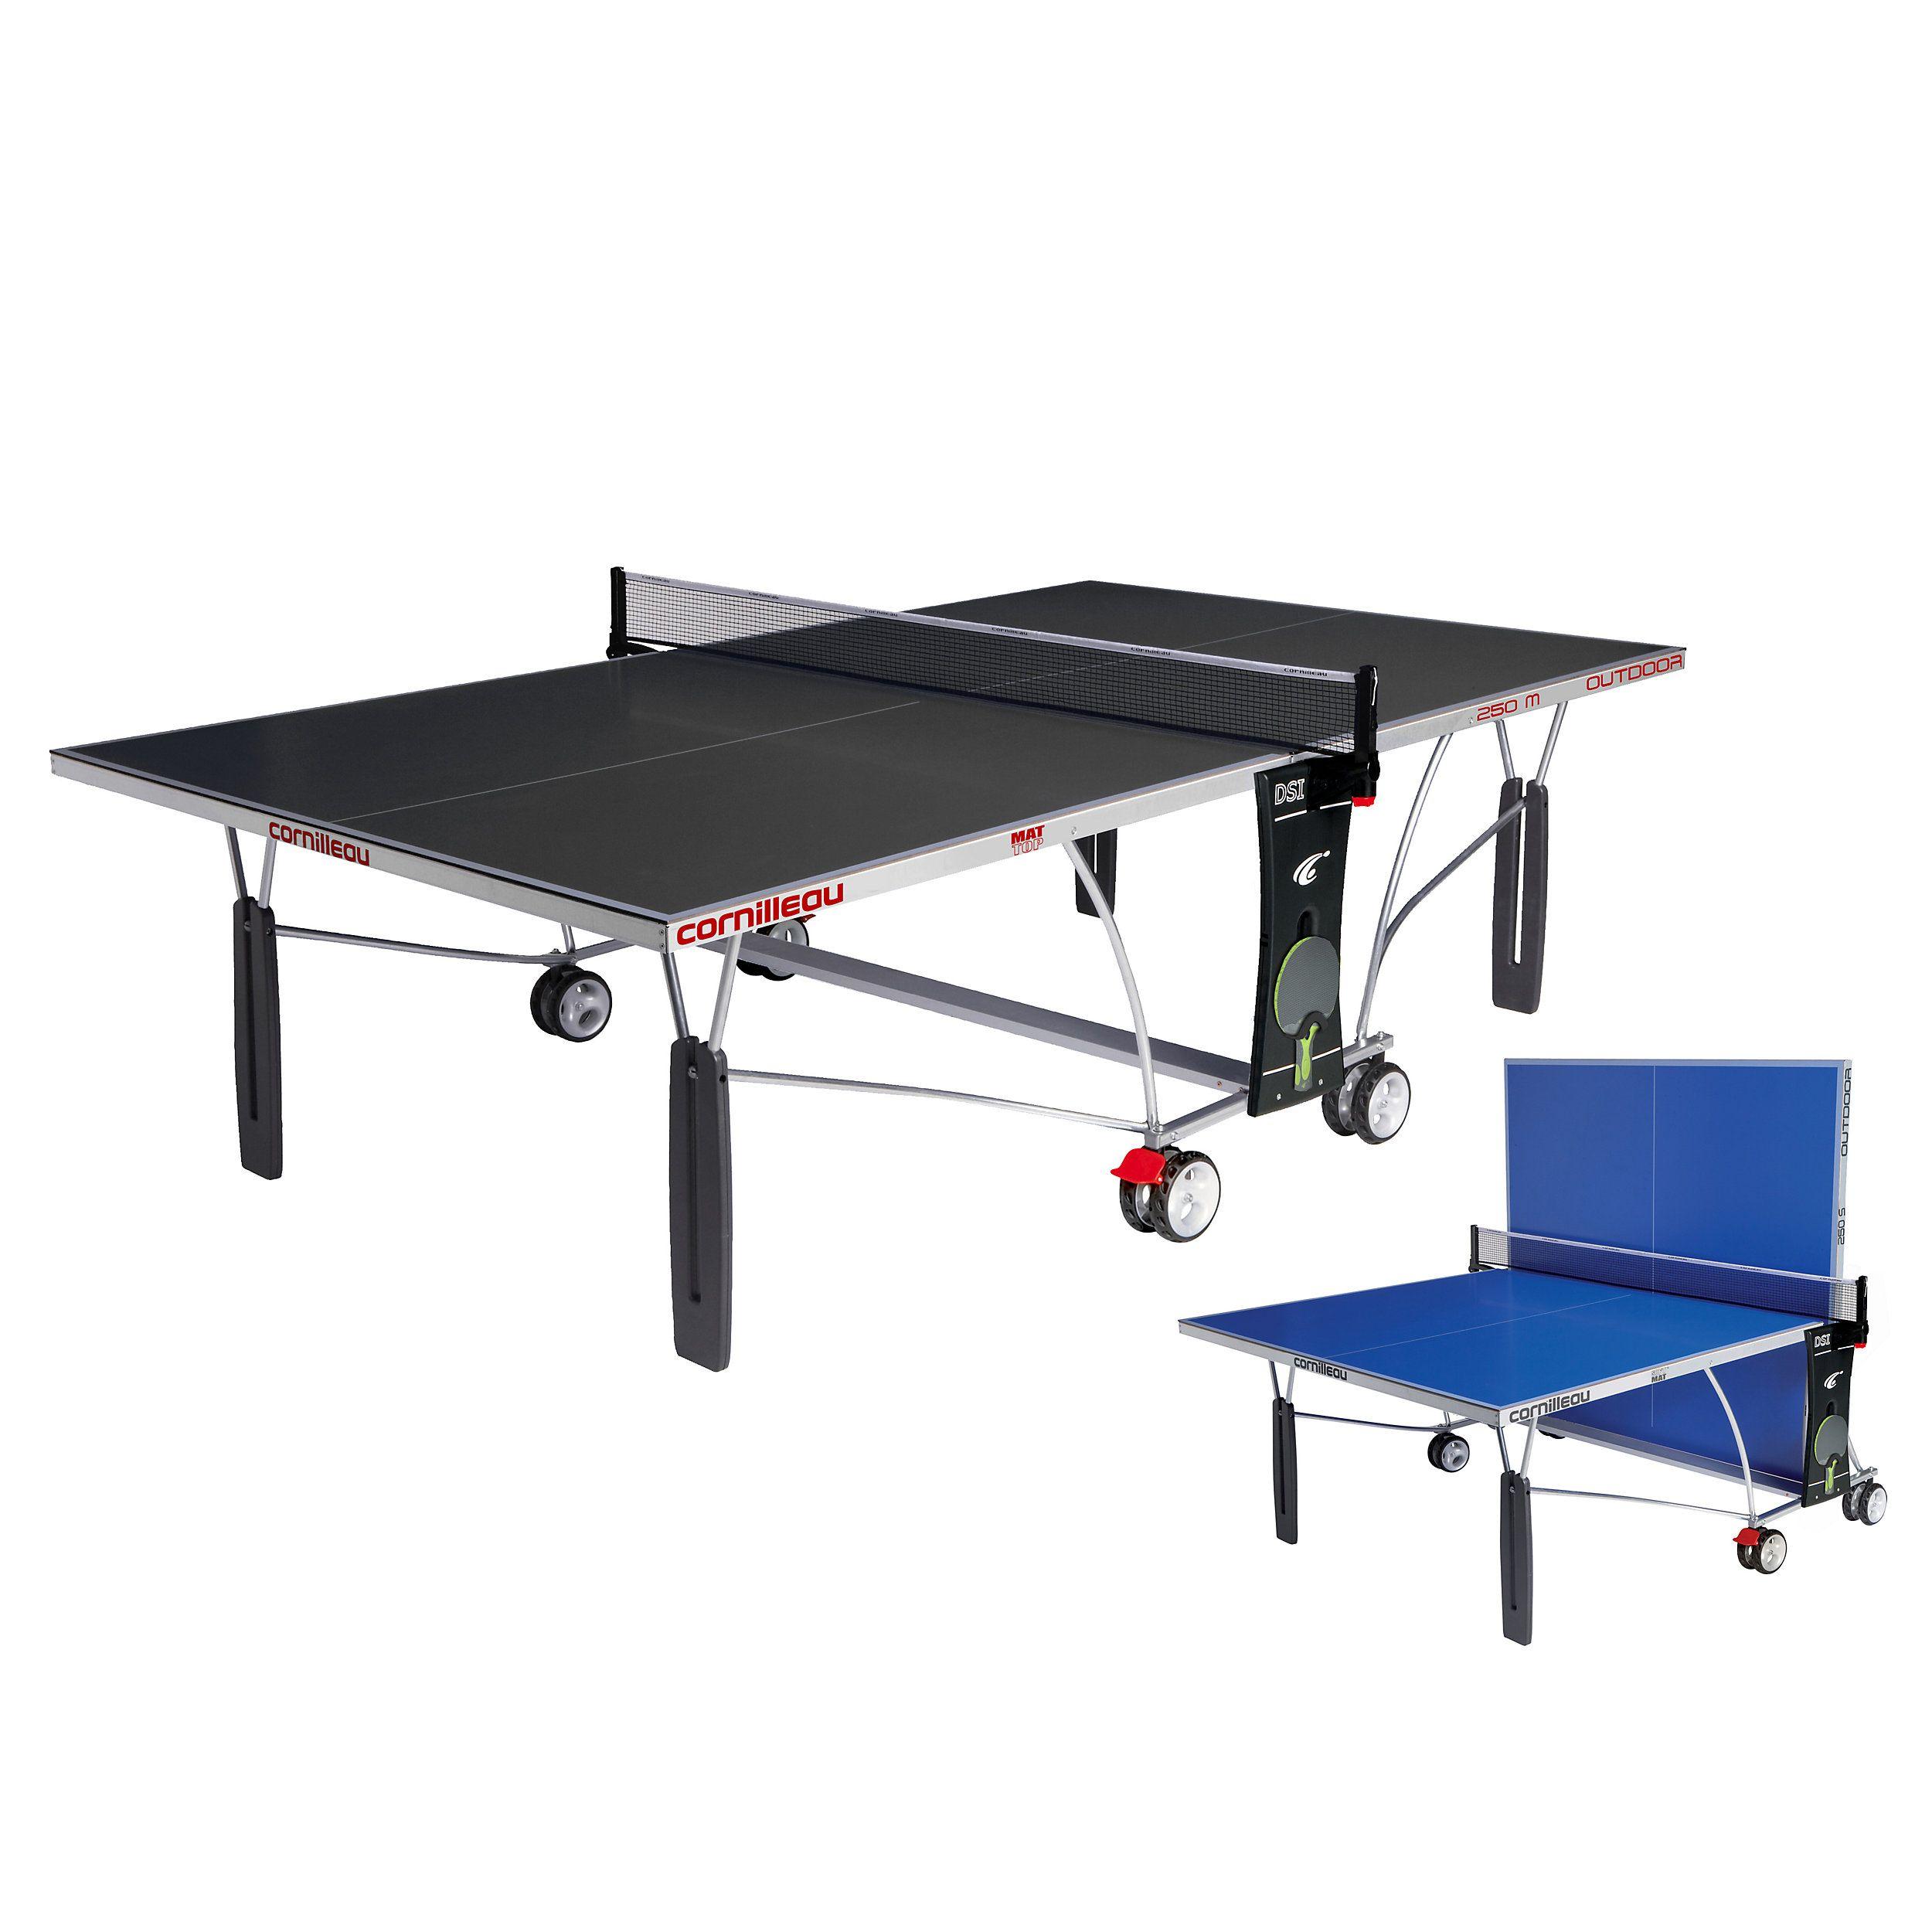 Cornilleau table tennis tables, bats, spares & parts - Olhausen ...